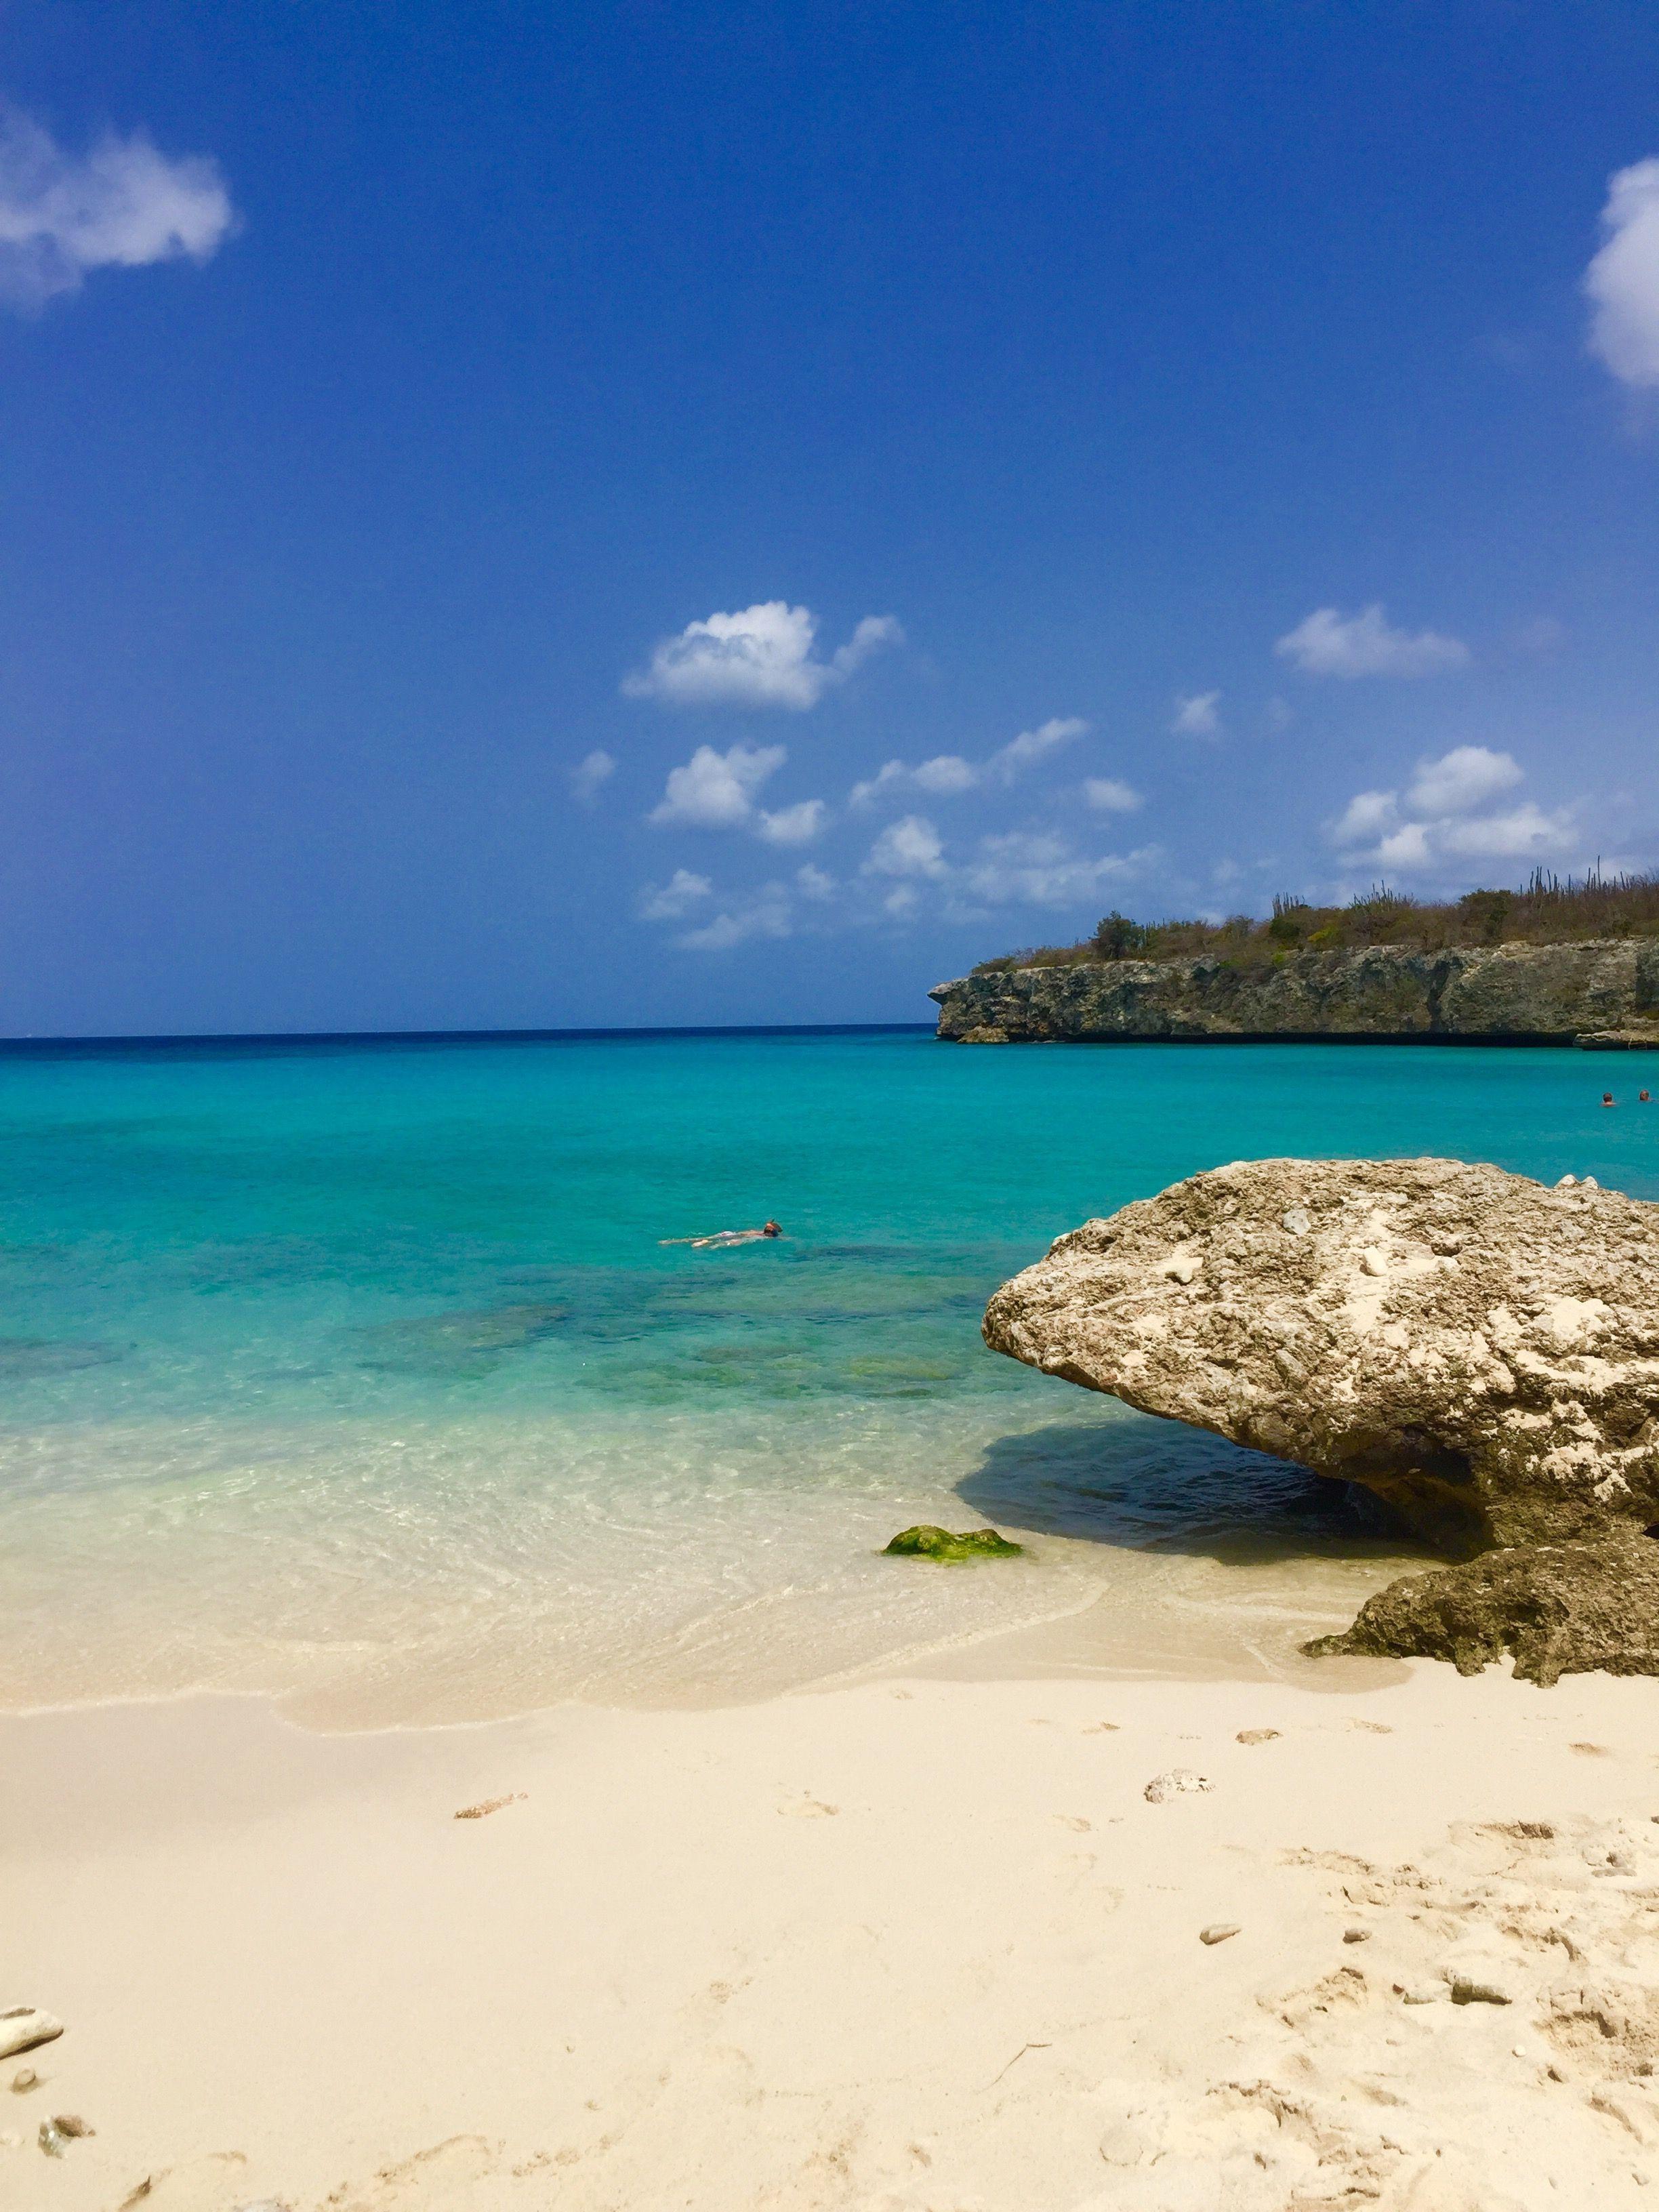 Daaibooi beach - Curacao, afgelopen herfst geweest voor een bruiloft voor een van mijn beste vriendinnen